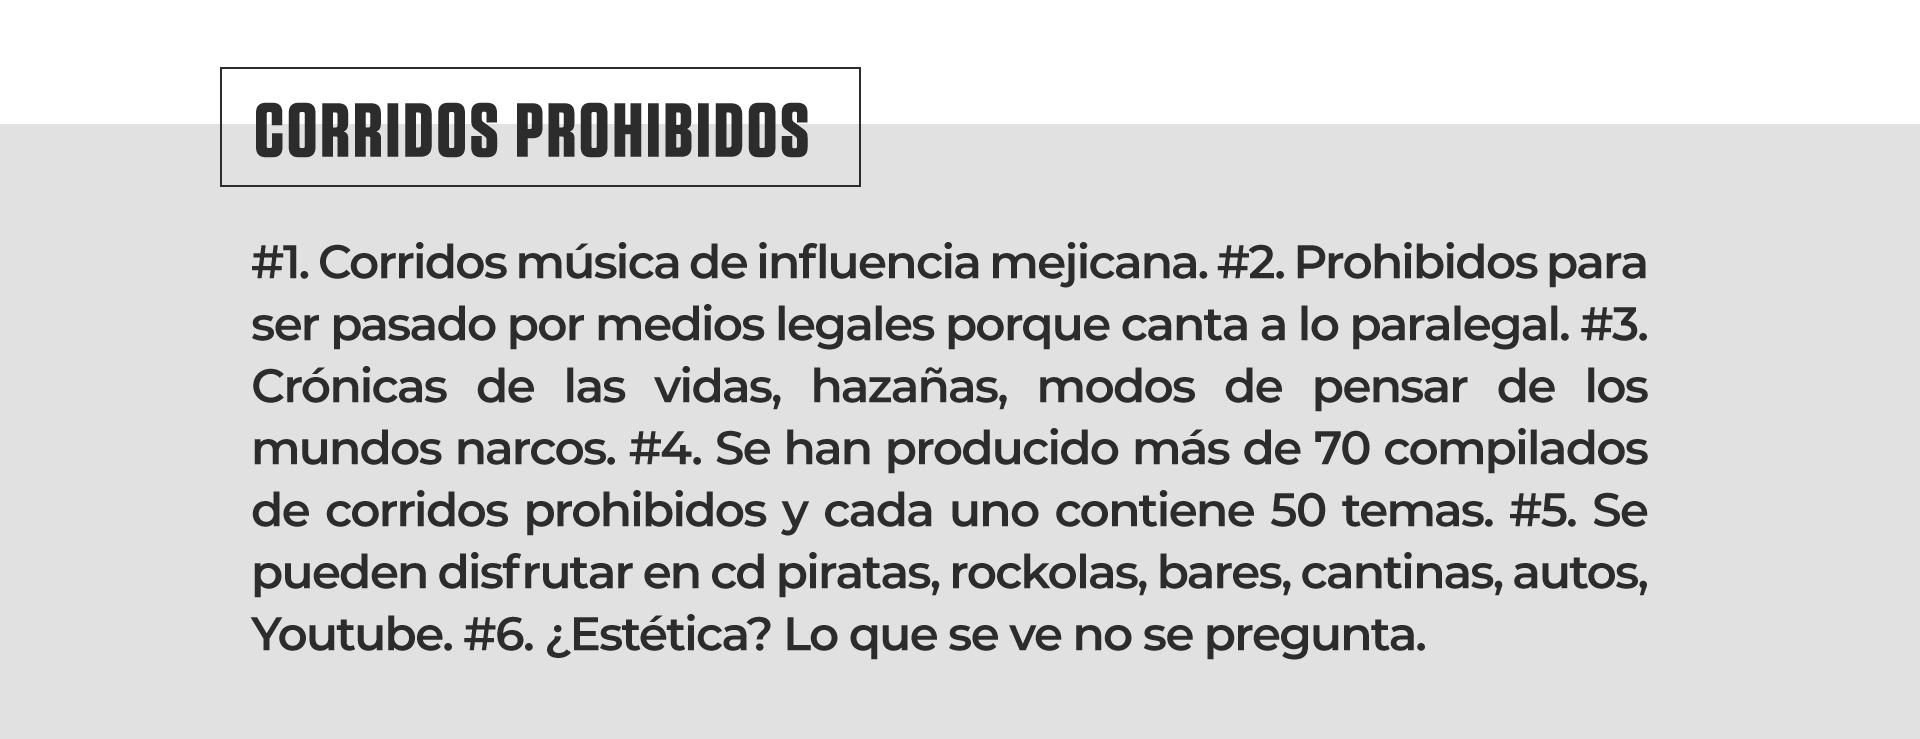 Cuadro4 (1)